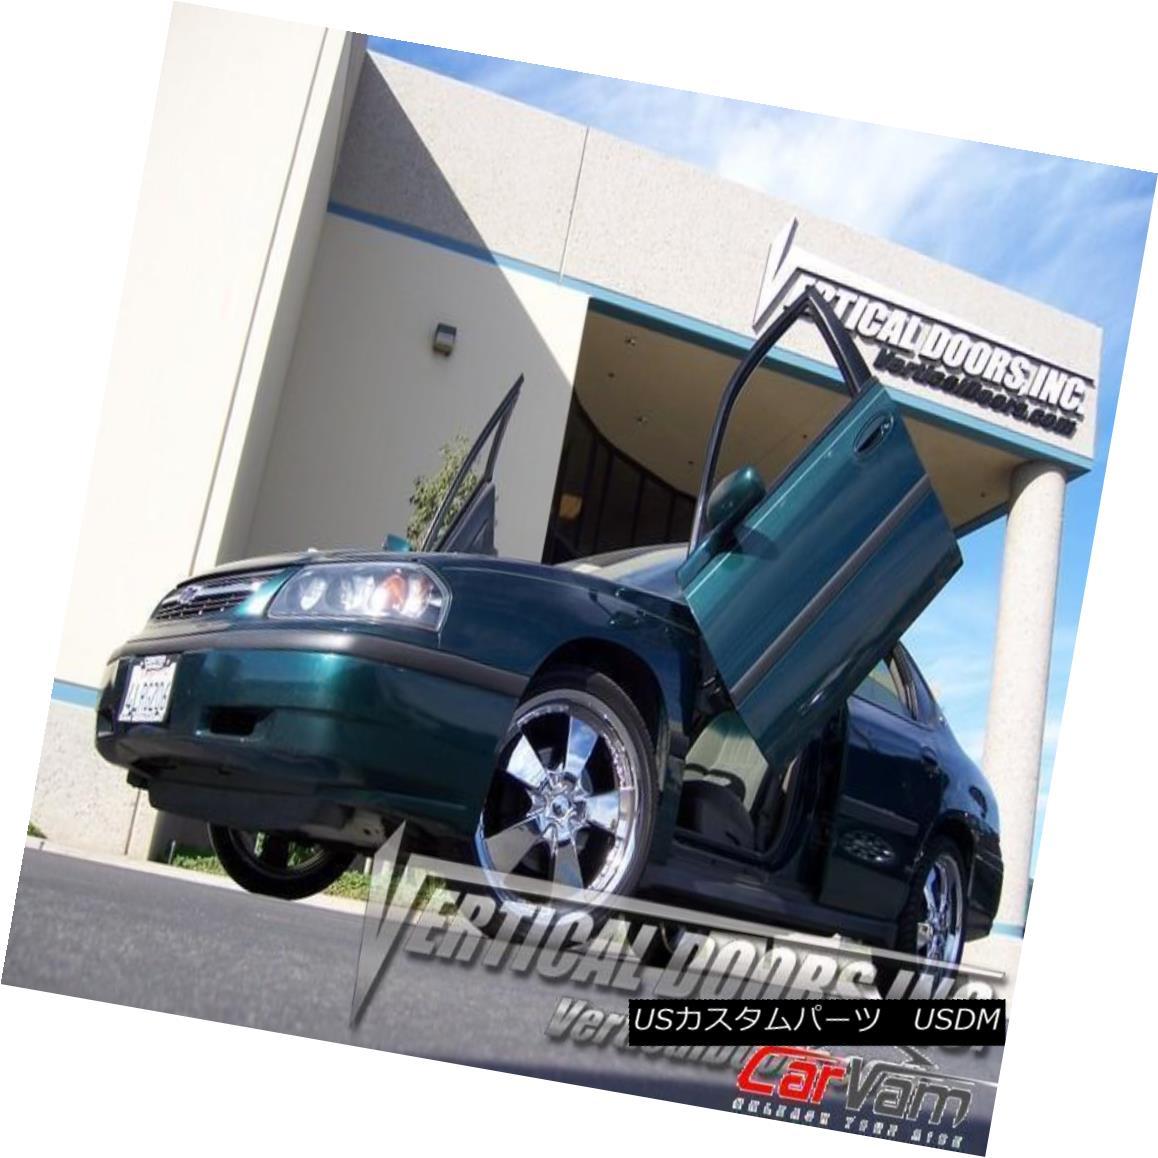 ガルウィングキット Vertical Doors - Vertical Lambo Door Kit For Chevrolet Impala 2000-05 垂直ドア - Chevrolet Impala 2000-05用の垂直Lamboドアキット